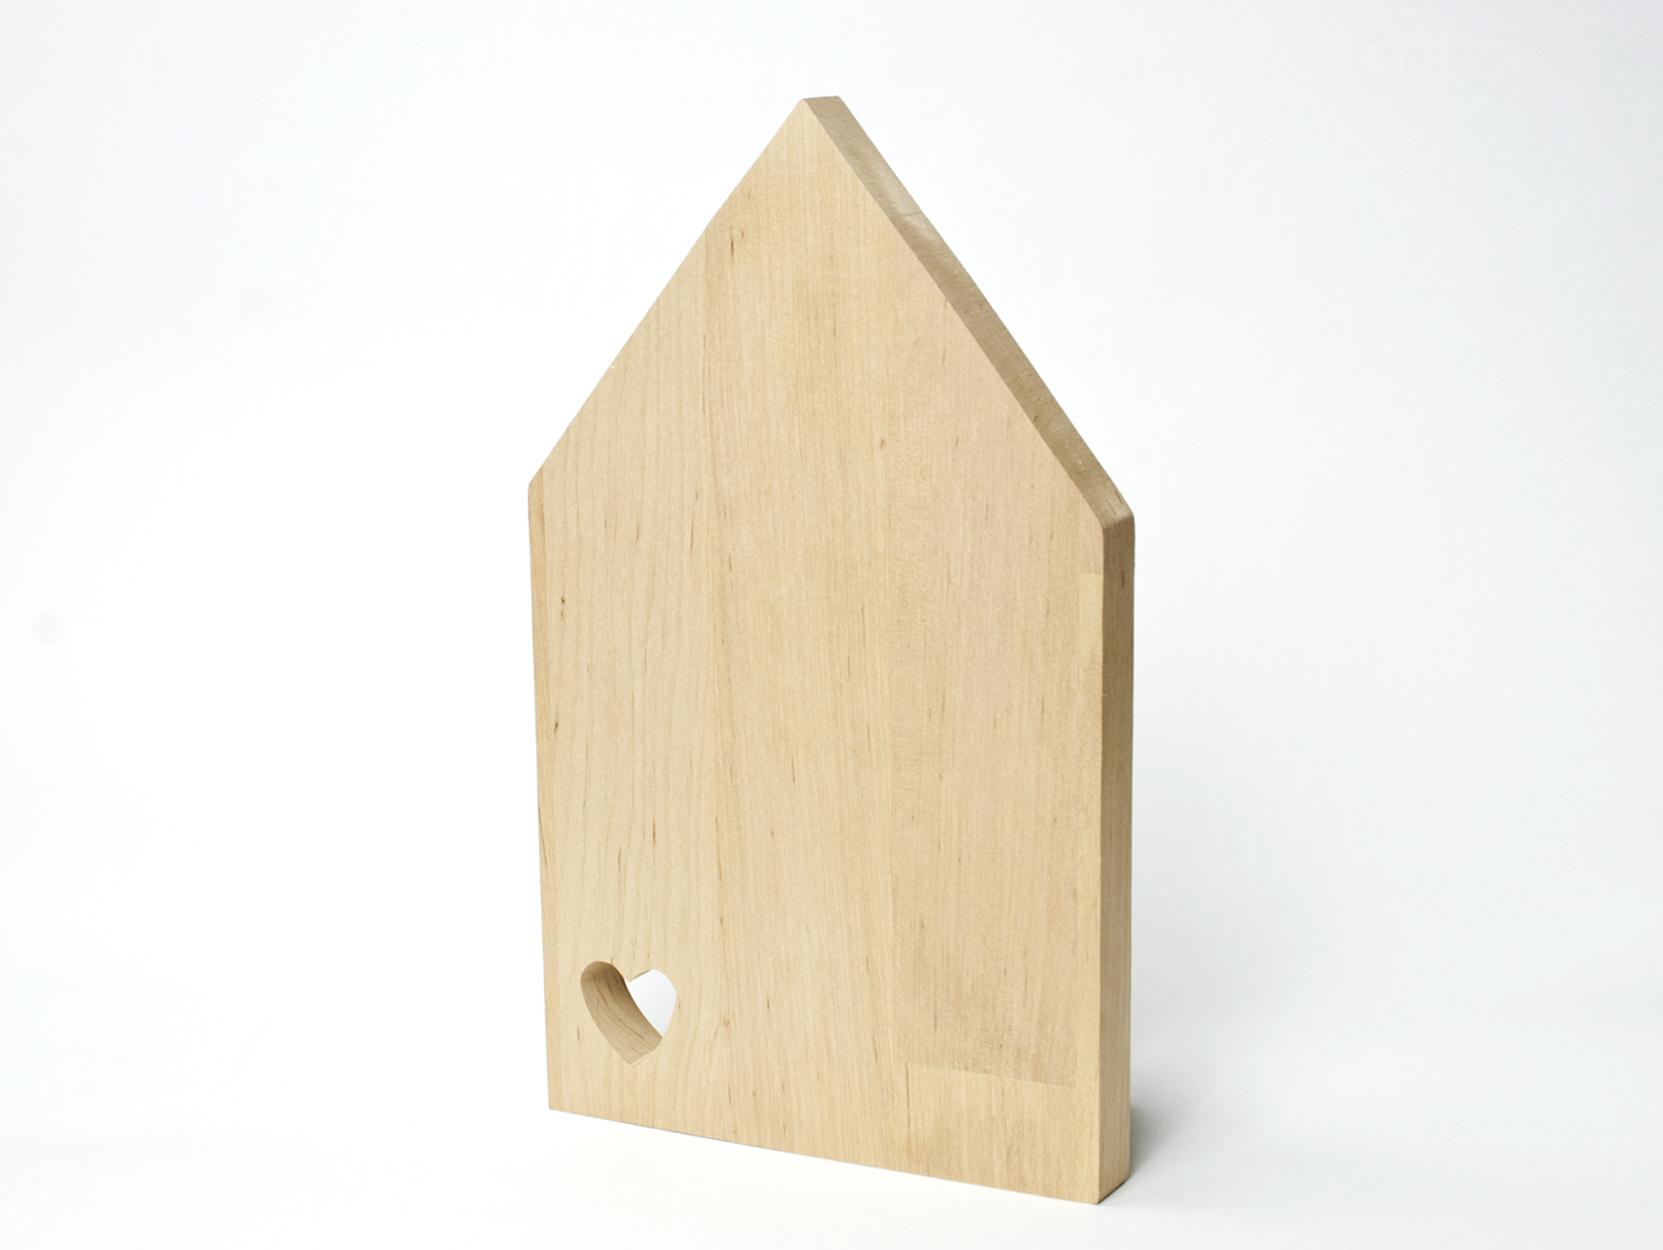 ... Heim ~ clever Design-Ideen für zu Hause! - Hochzeitsblog I Brautsalat